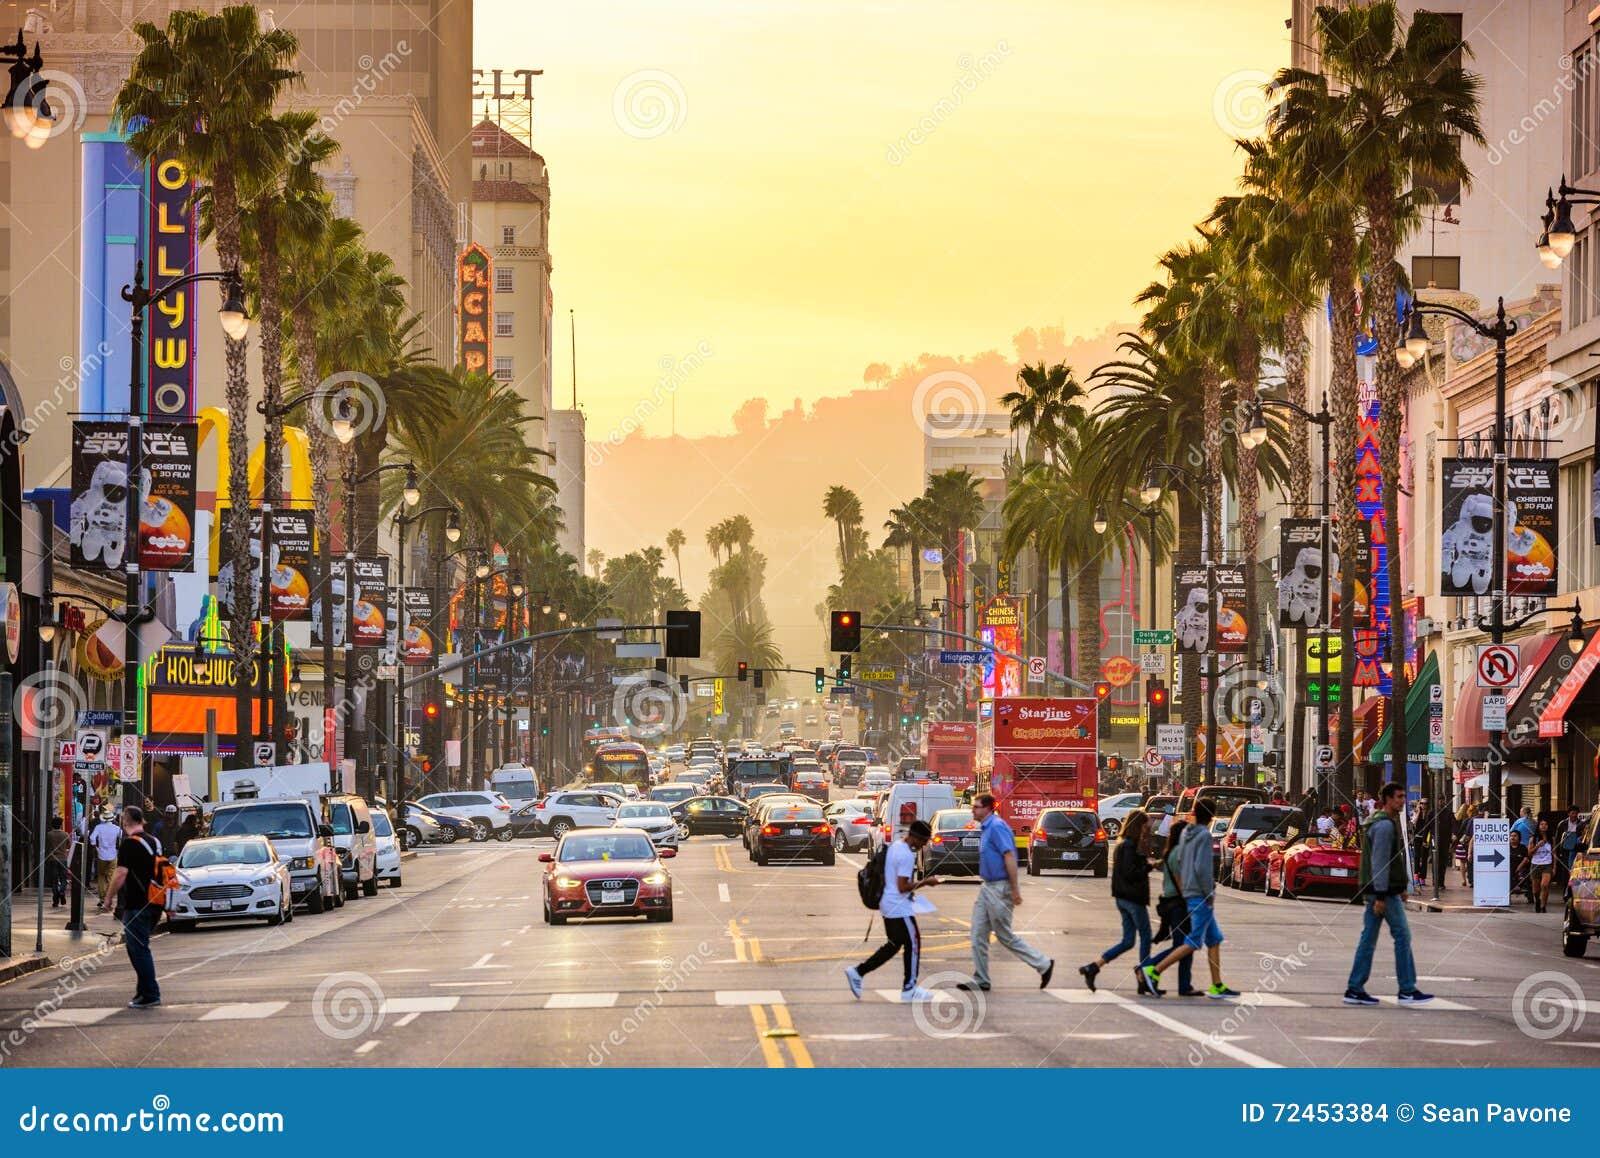 Personal Trainer Los Angeles | Jason Kozma Personal ...